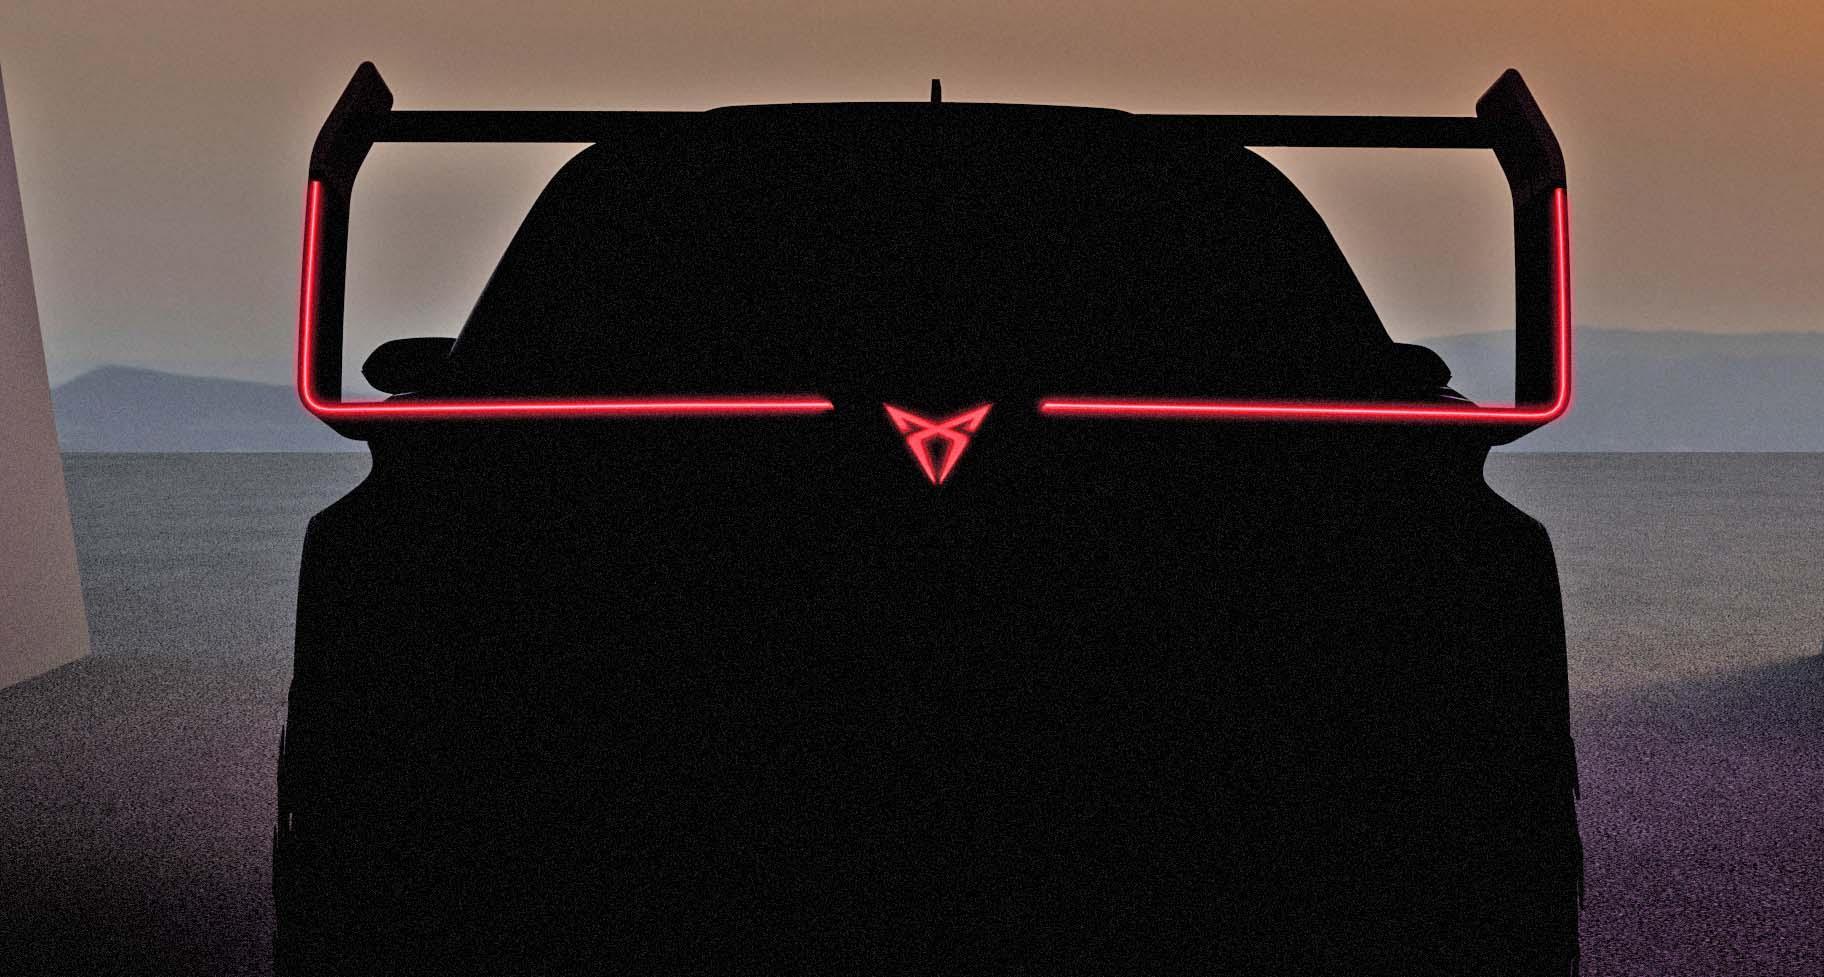 Cupra UrbanRebel Concept – A Glimpse Of The Company's Future Urban All-Electric Car